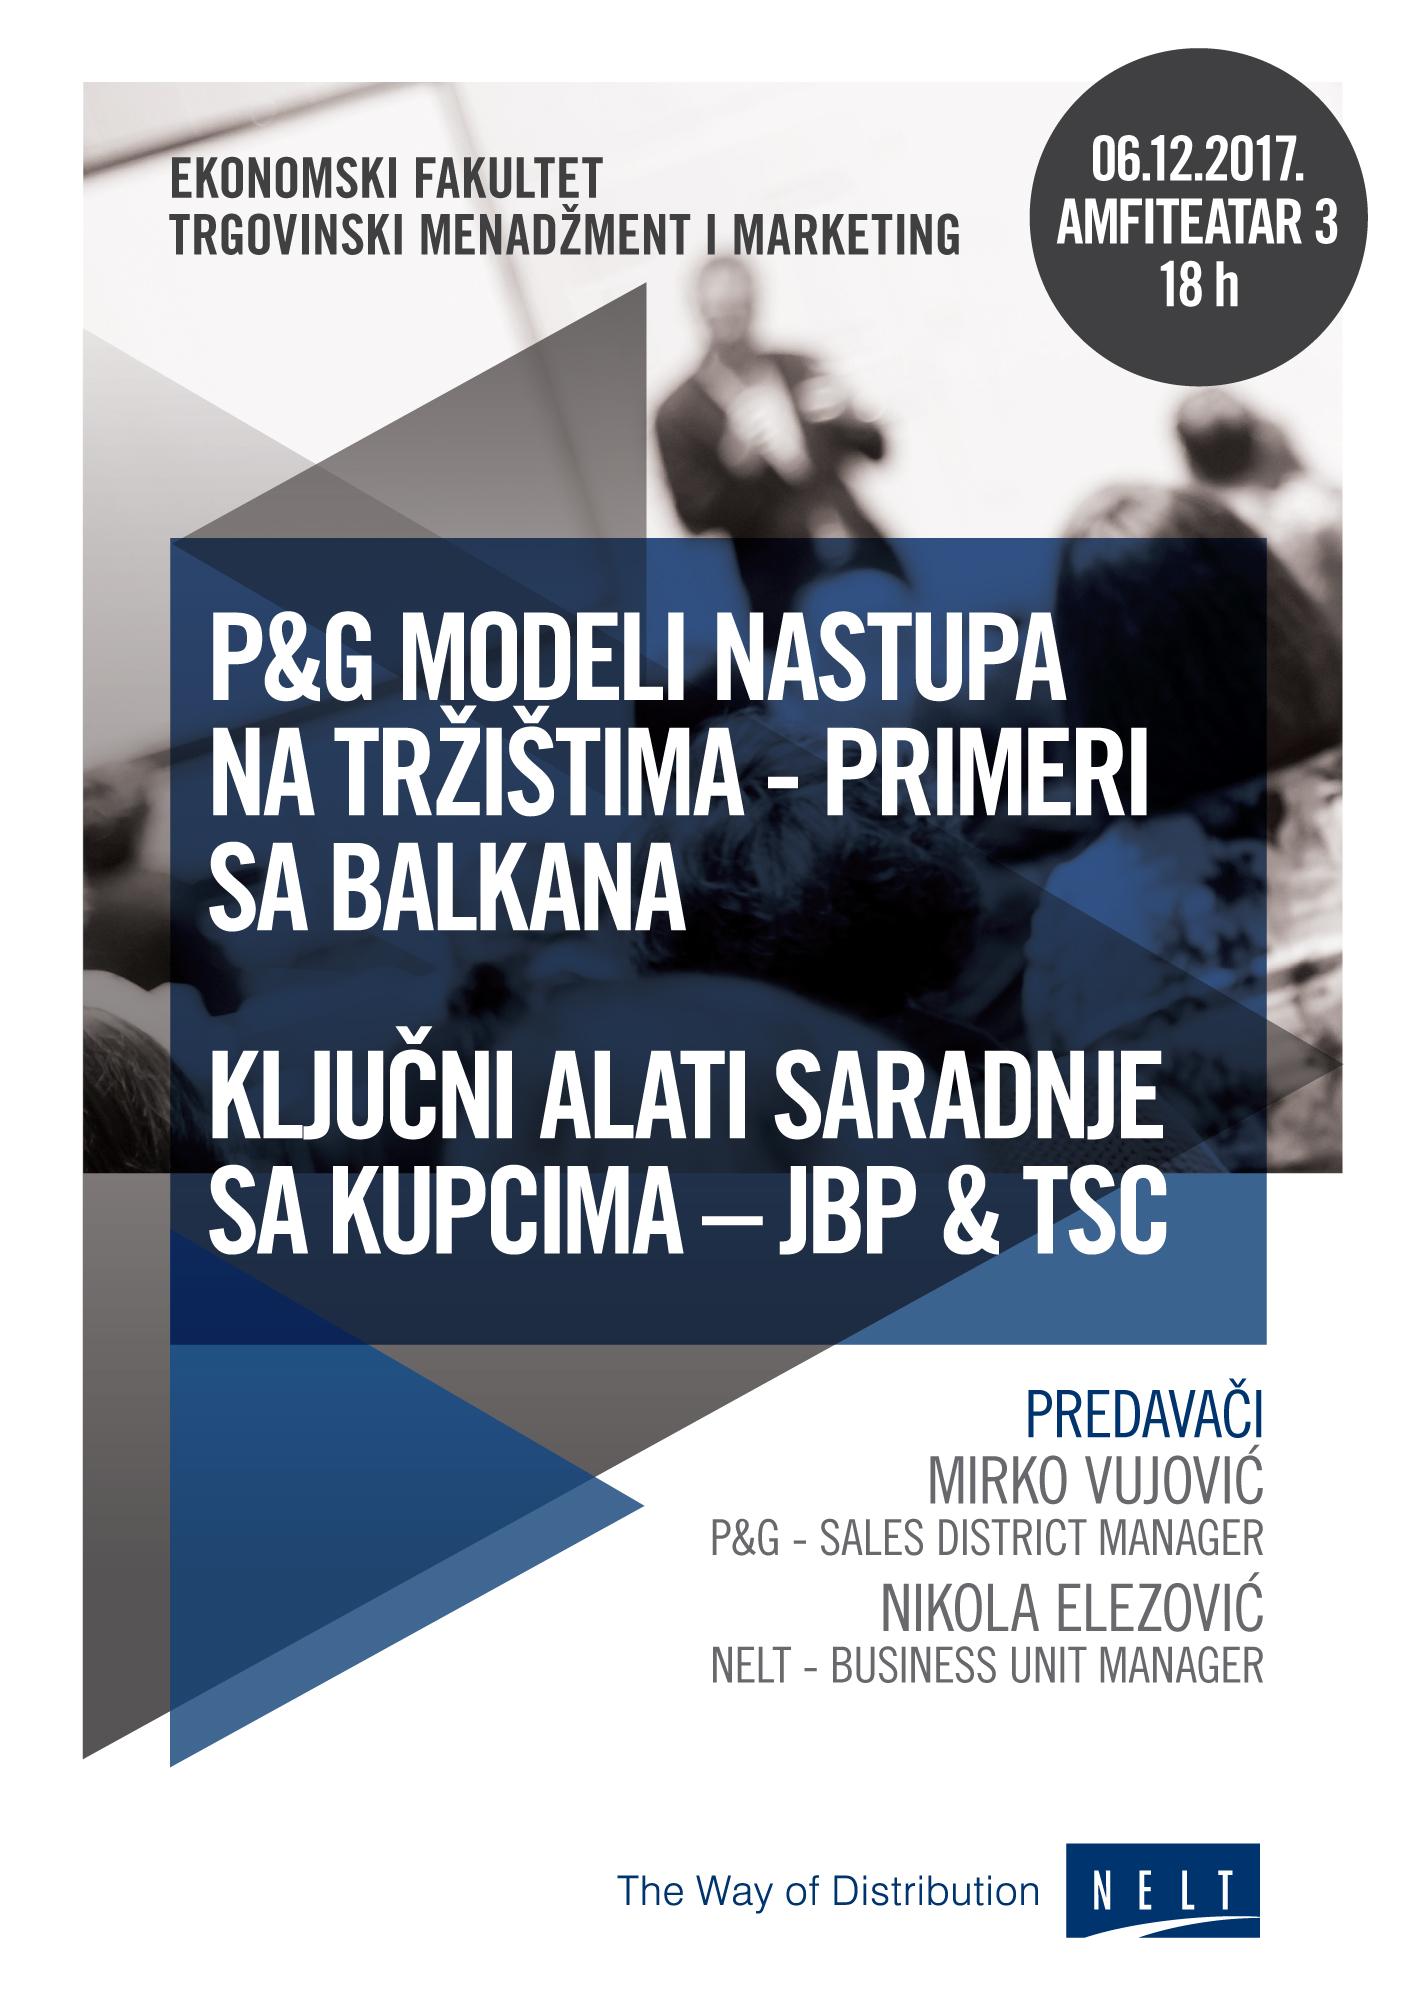 NELT-Ekonomski-Fakultet-POSTER-(B2)-v2